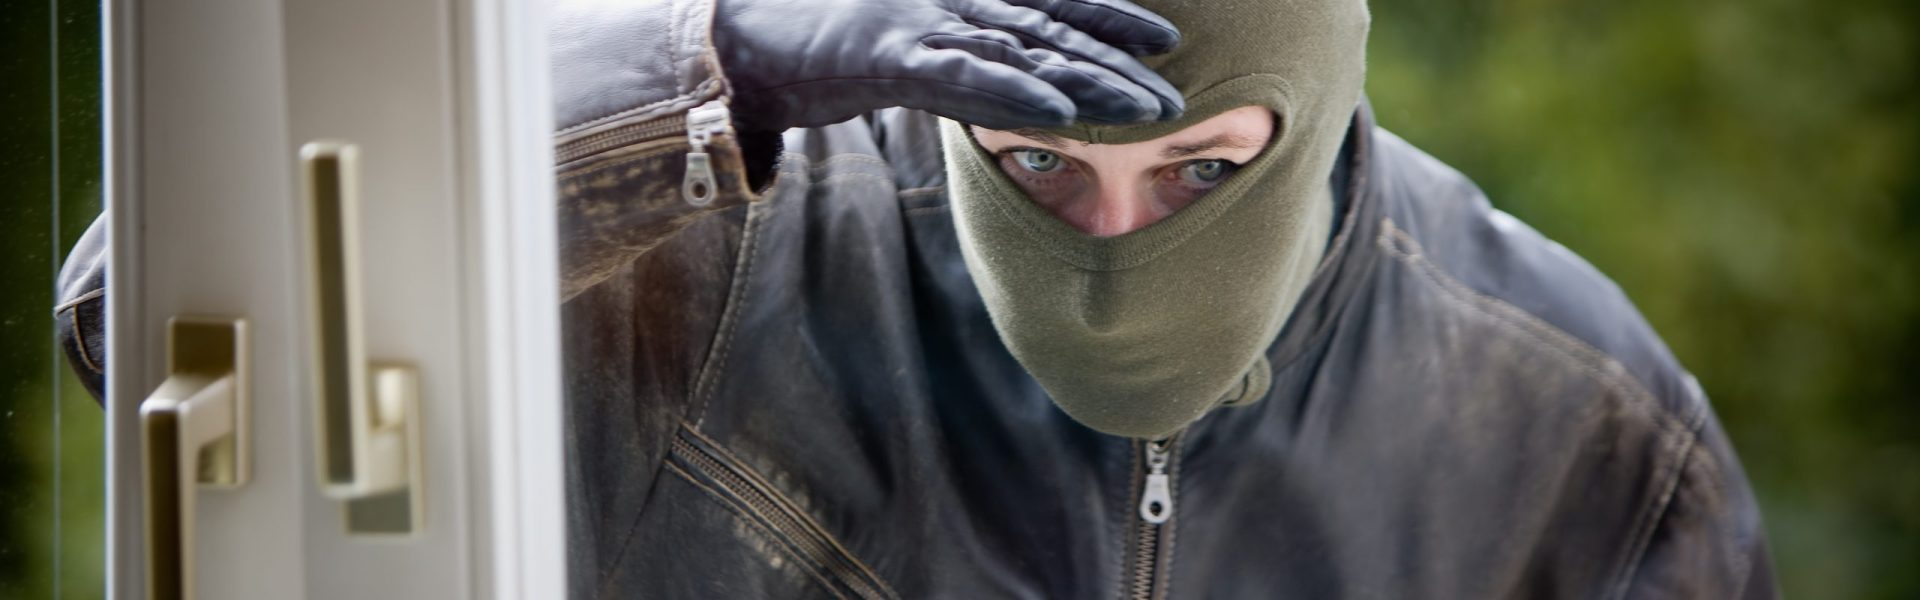 Cambrioleur qui inspecte l'intérieur d'une maison avec un pied de biche et une lampe torche